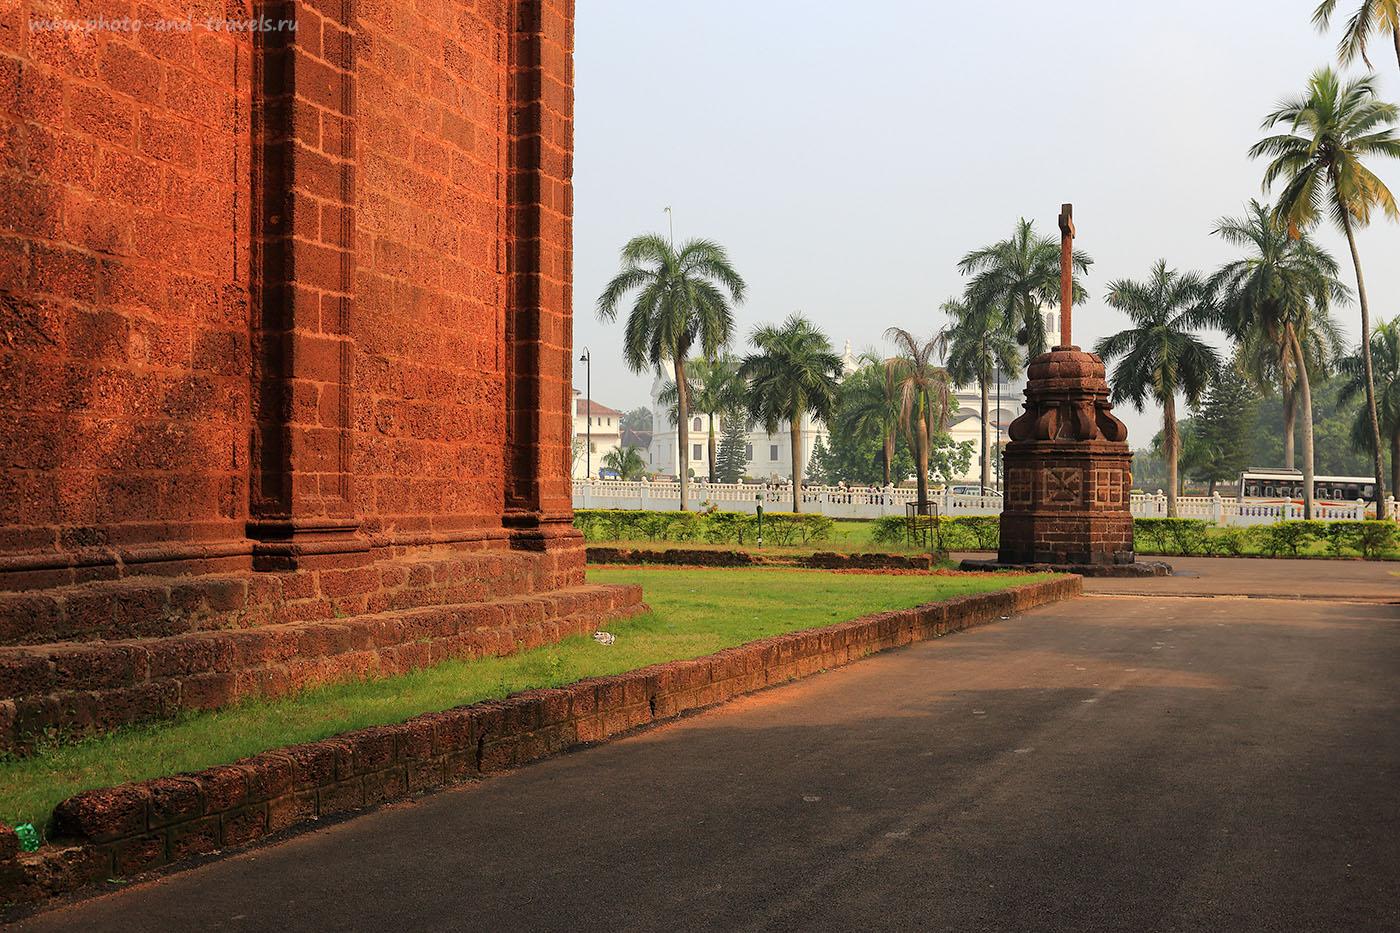 Фото 15. Вид от базилики Доброго Иисуса в Старом Гоа. Отзывы туристов об экскурсии самостоятельно. Поездка в Индию в октябре (17-40, 1/200, 0eV, f9, 40mm, ISO 100)